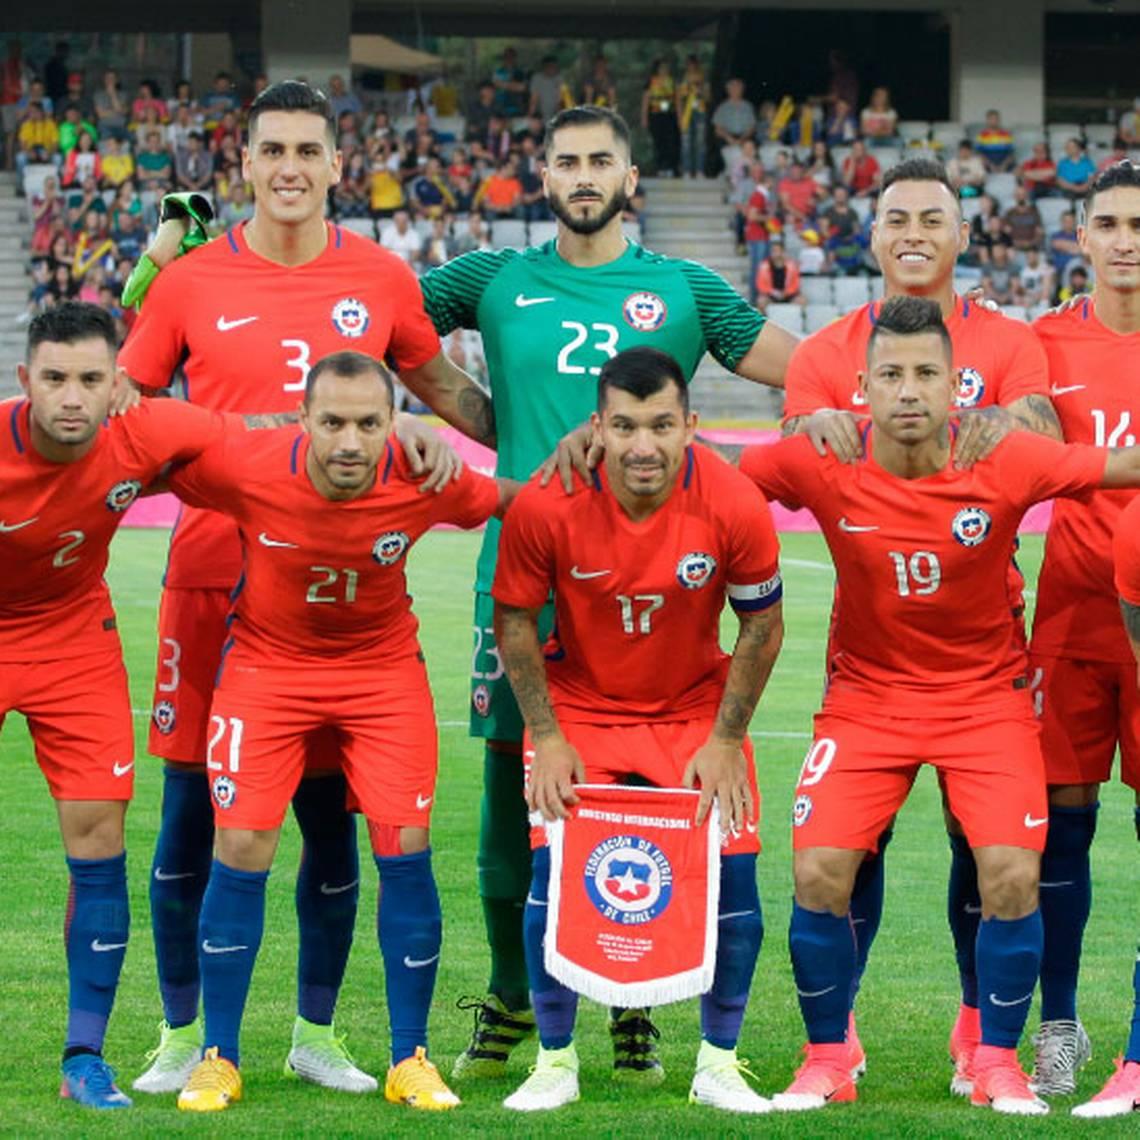 La Roja regresa a Rusia y Vidal comparte imágenes en Instagram